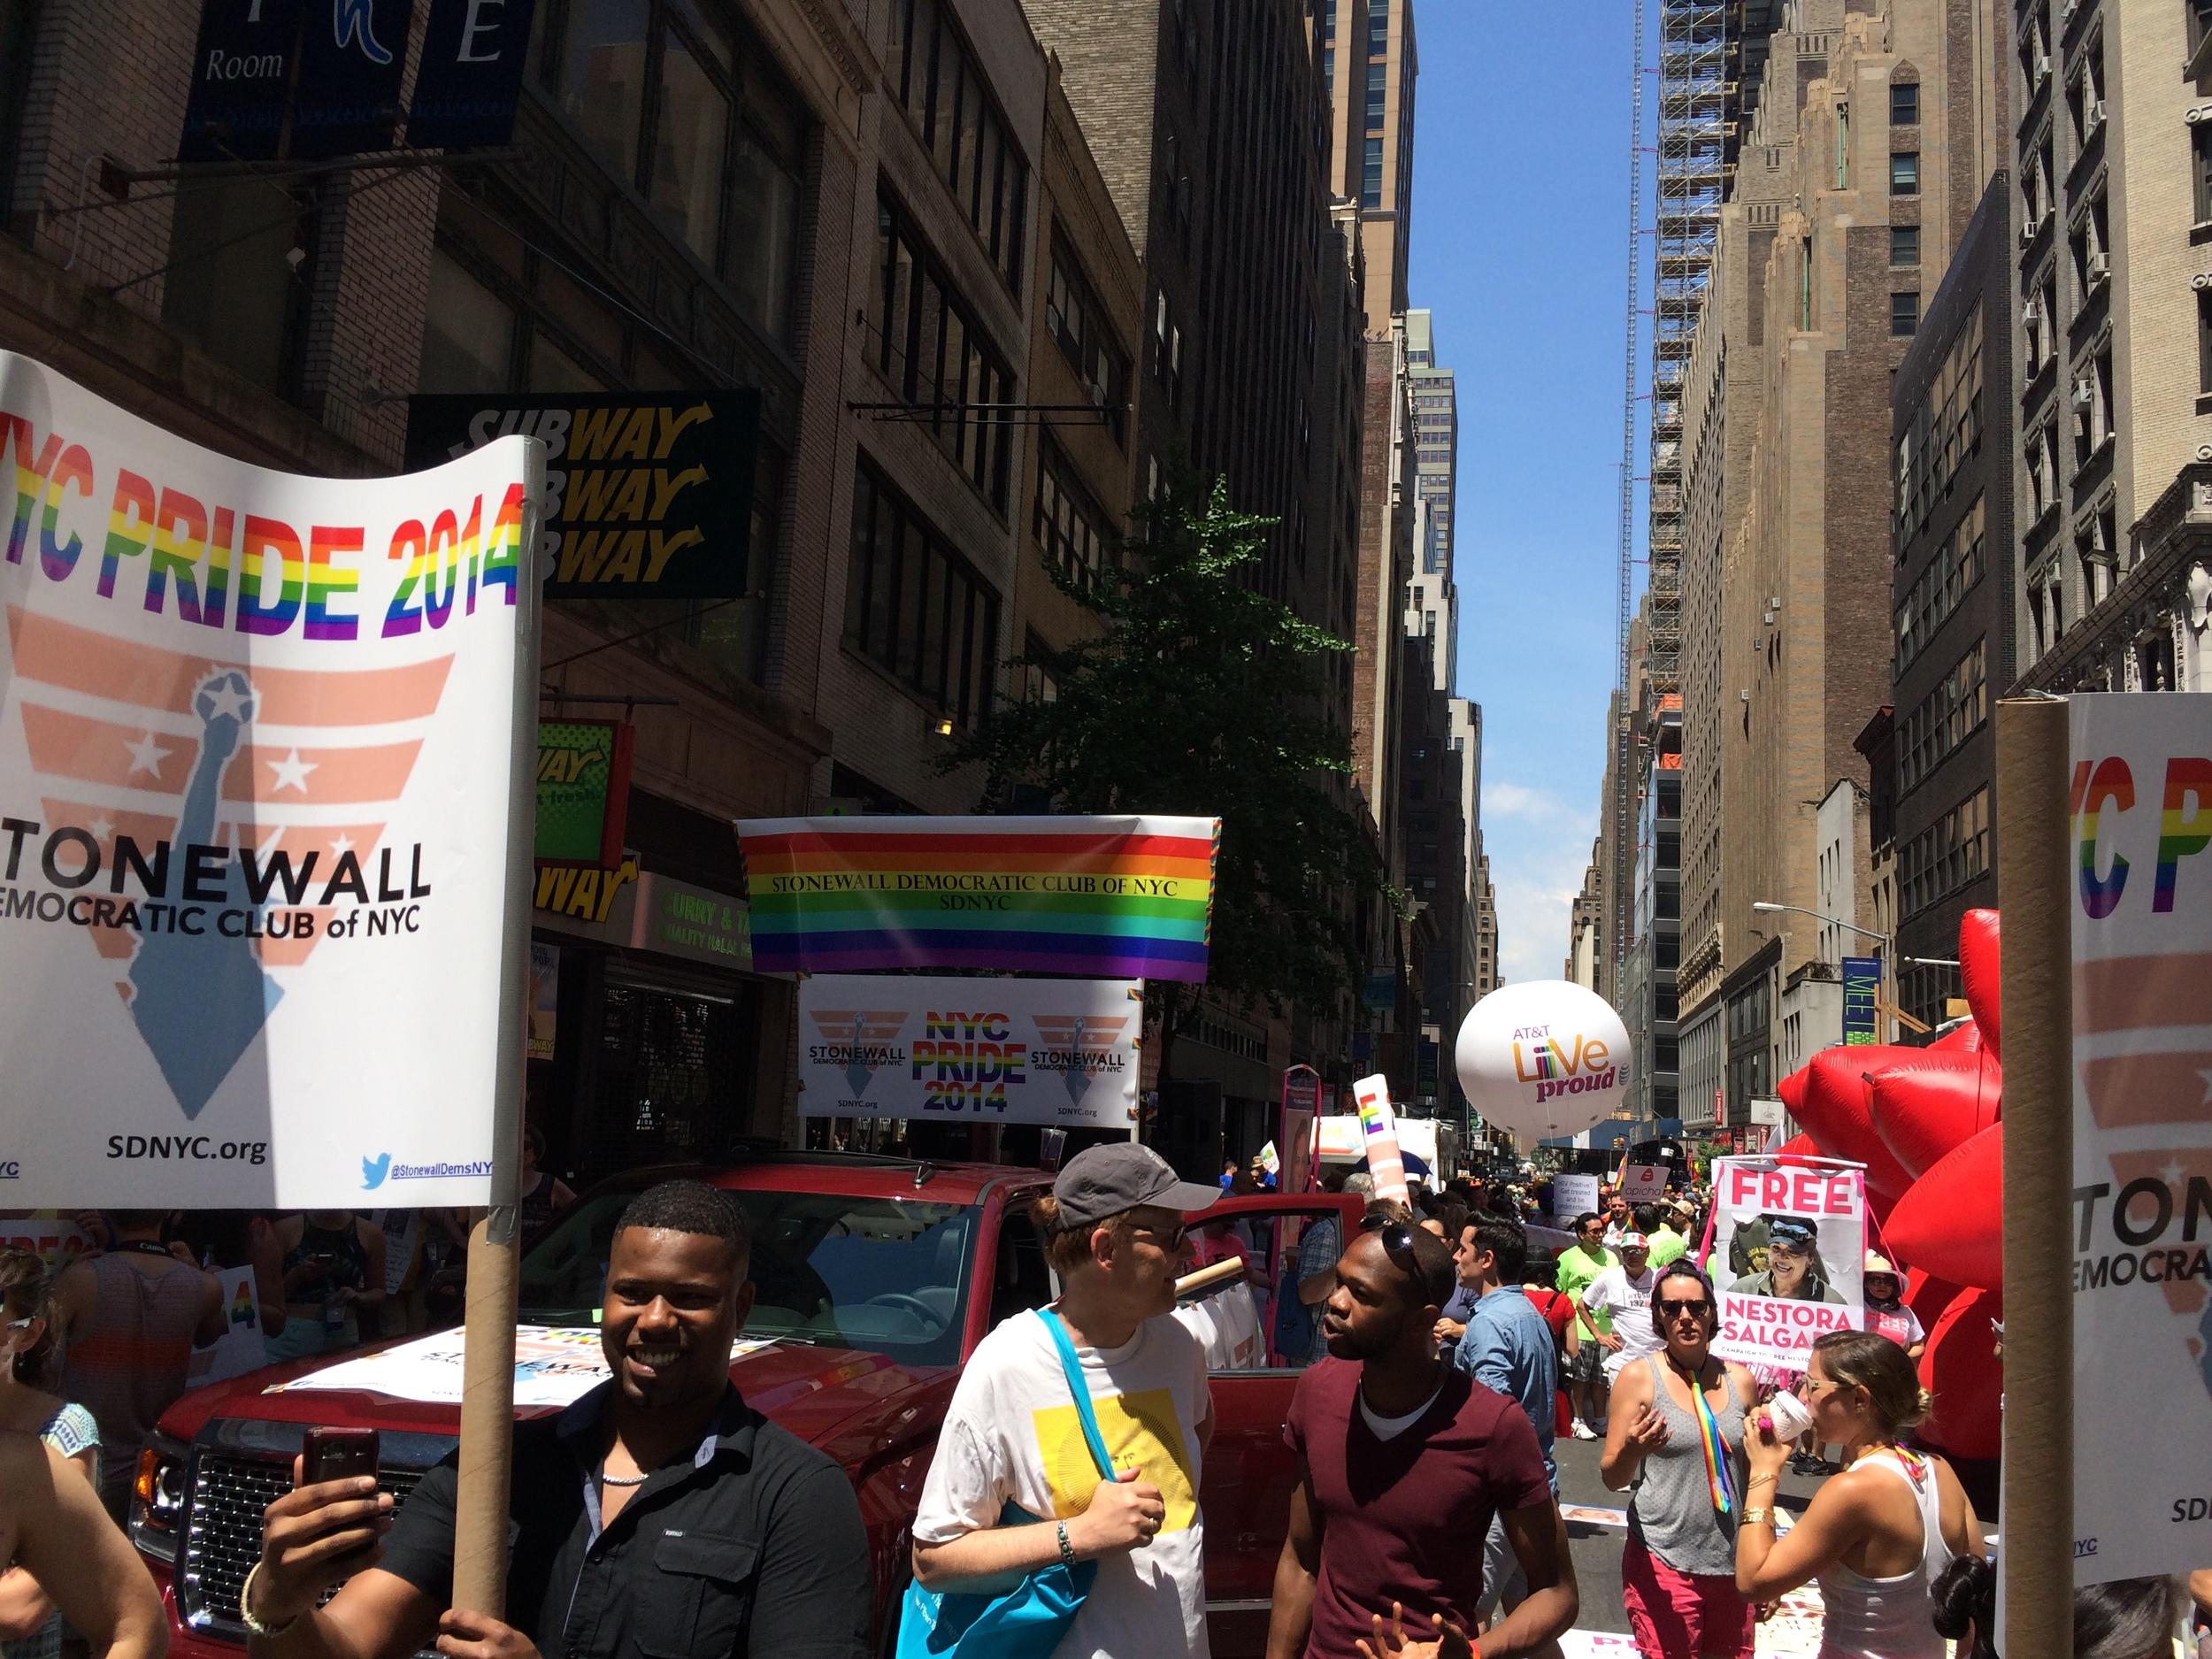 NYC Pride 2014 - SDNYC